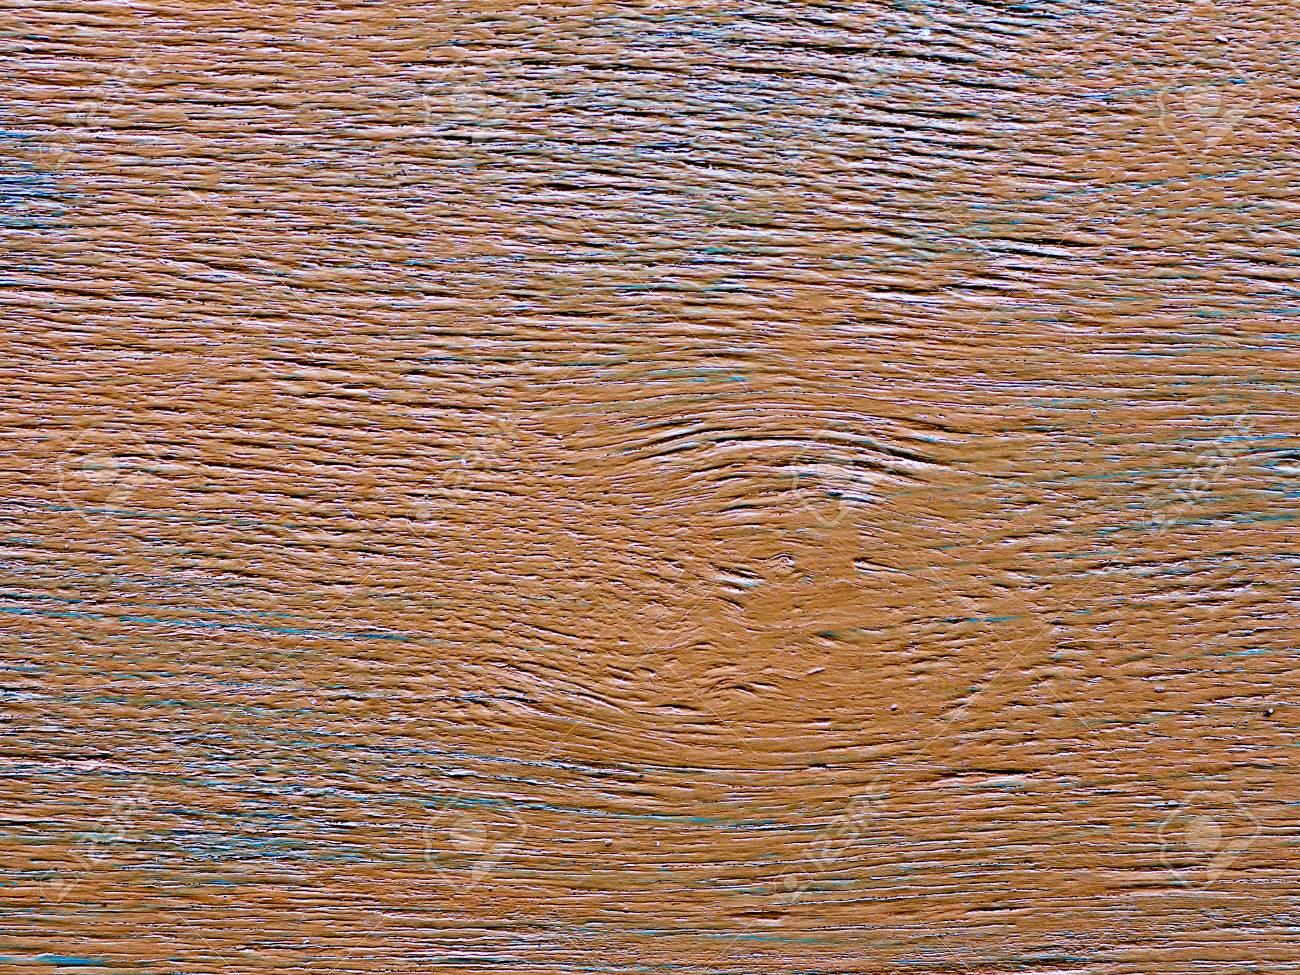 Assi Di Legno Grezze : Foto senza soluzione di continuità del grezzo ansimava arancione